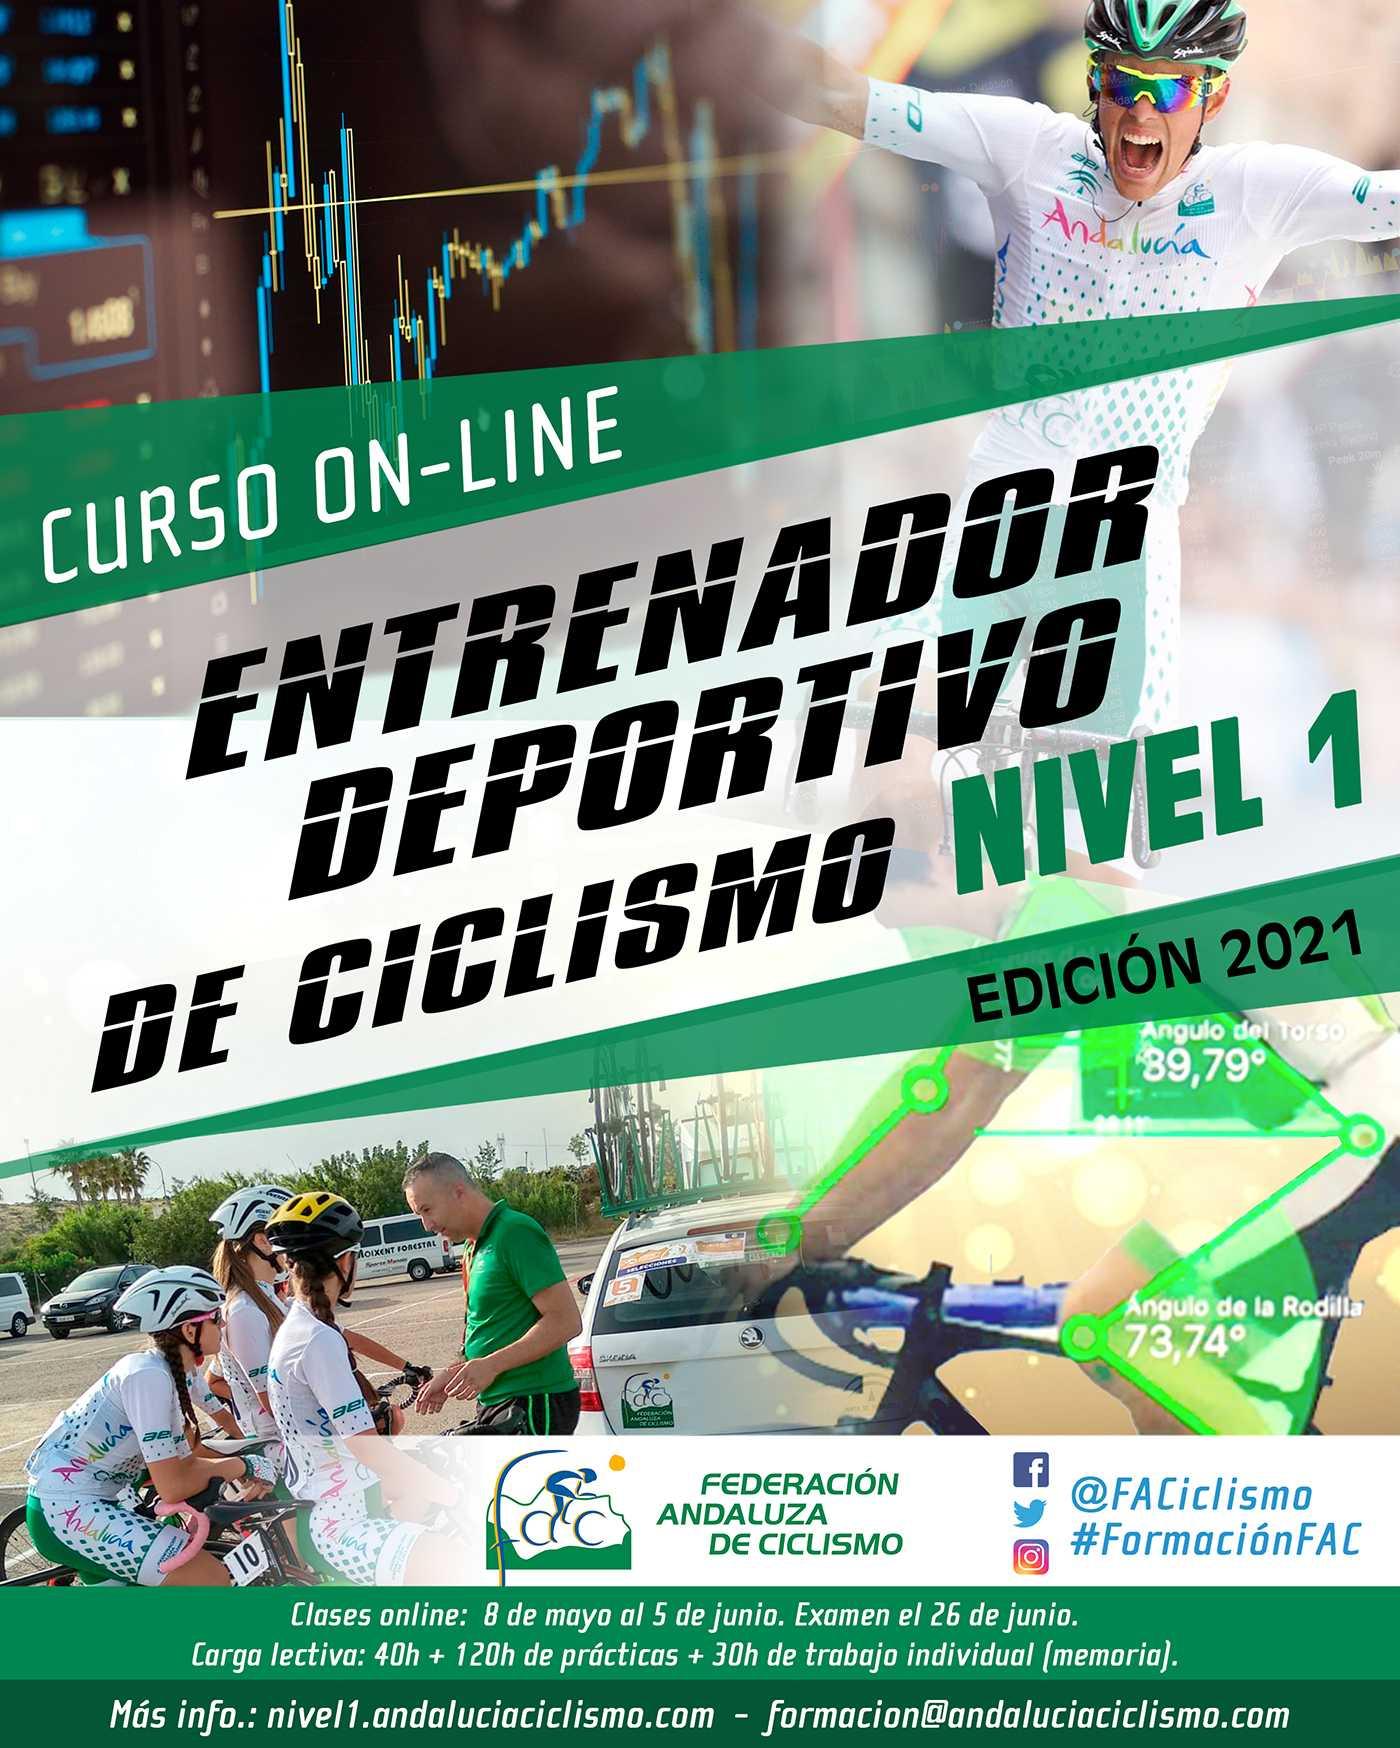 Abierta convocatoria para el Curso Online de Entrenador Deportivo de Ciclismo Nivel 1 2021